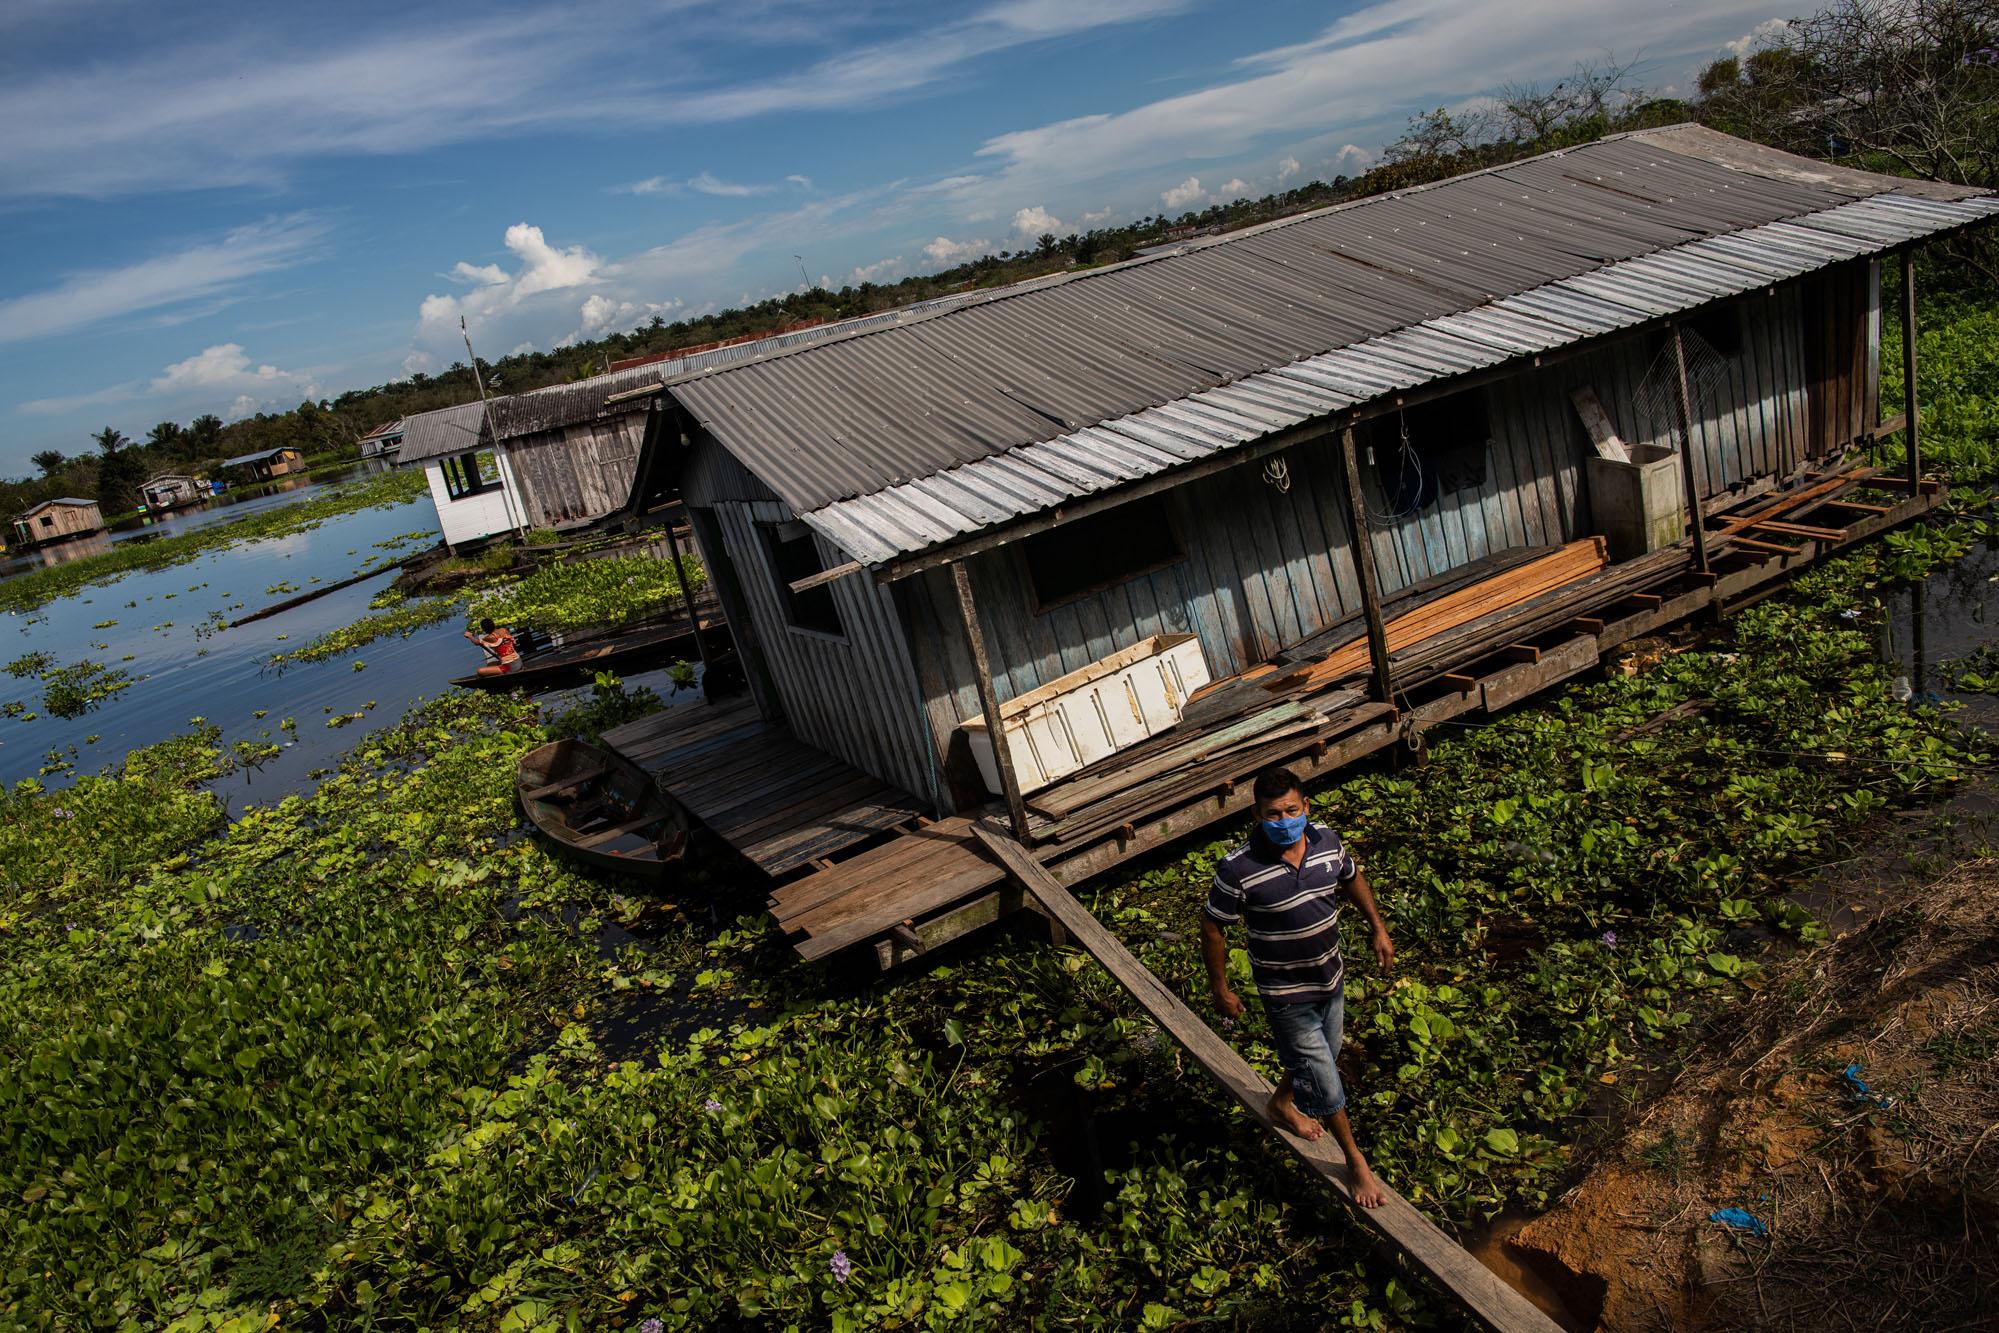 """Em Iranduba (AM), Dedé Batista Pinto caminha sobre uma viga de madeira ao deixar sua sua residência flutuante na vila do Cacau Pirêra: """"Final do mês passado mesmo eu matei uma cobra dentro de casa"""" (Foto: Raphael Alves/Amazônia Real)"""